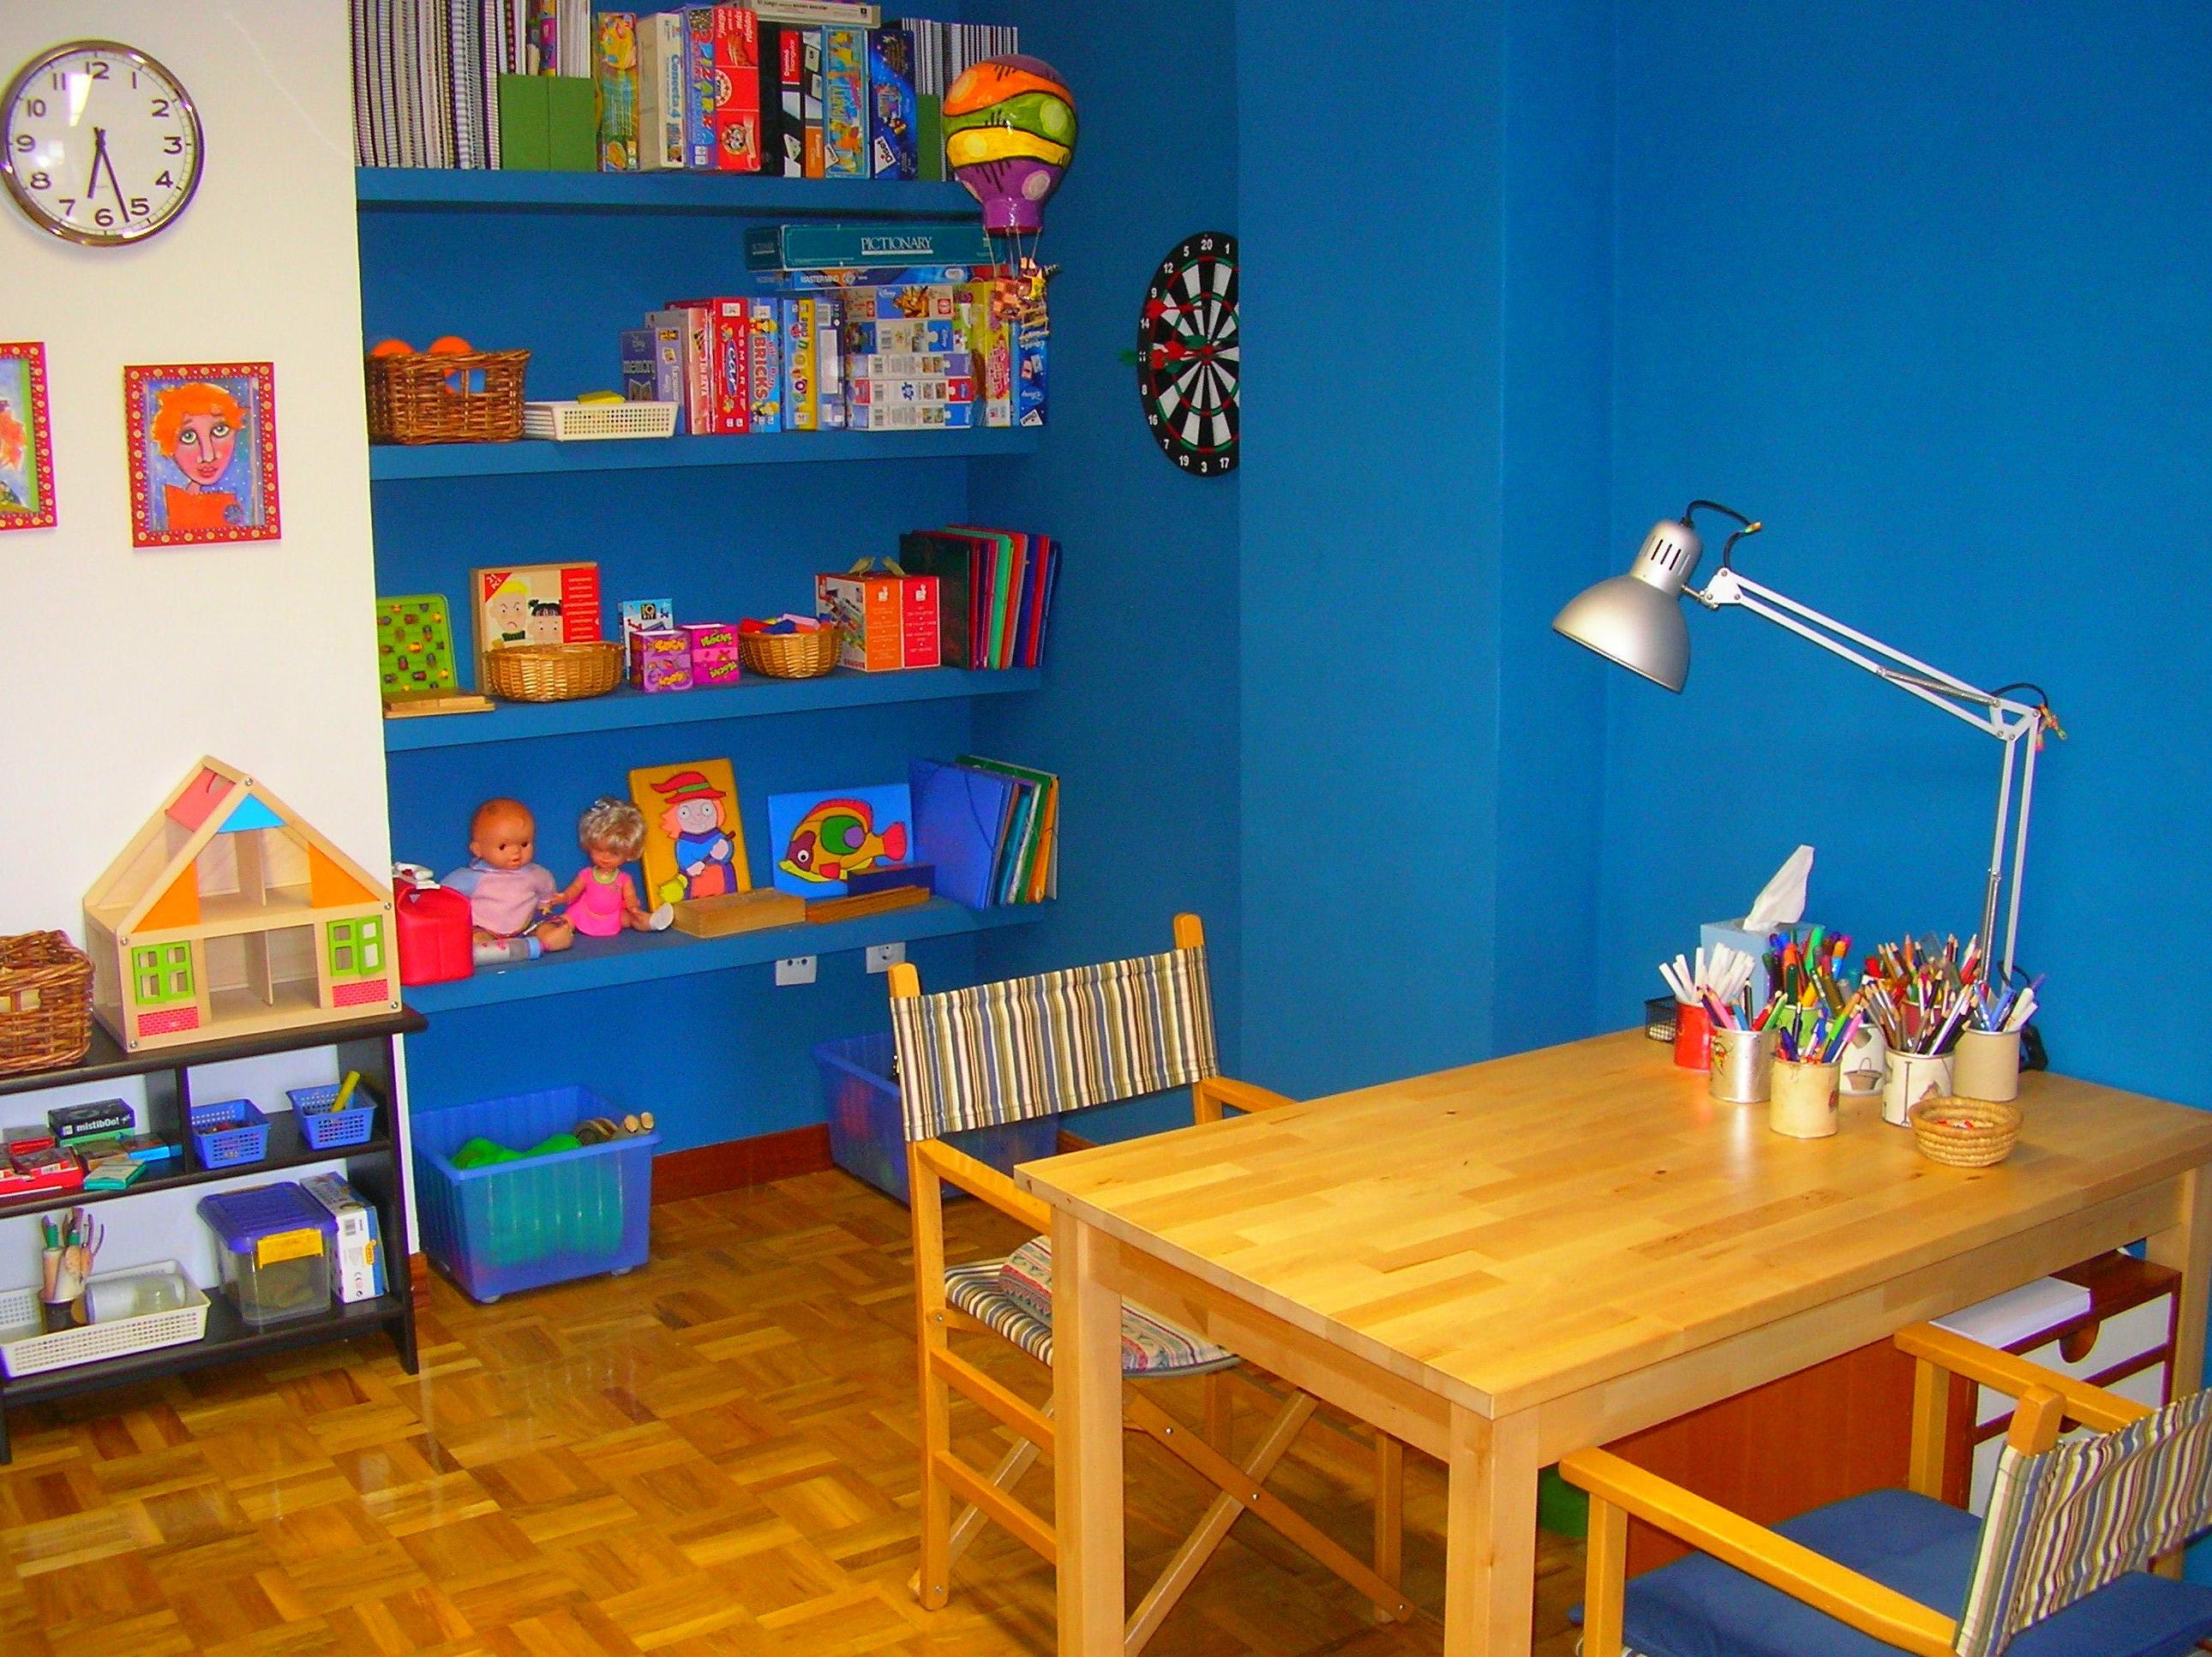 El espacio del niño